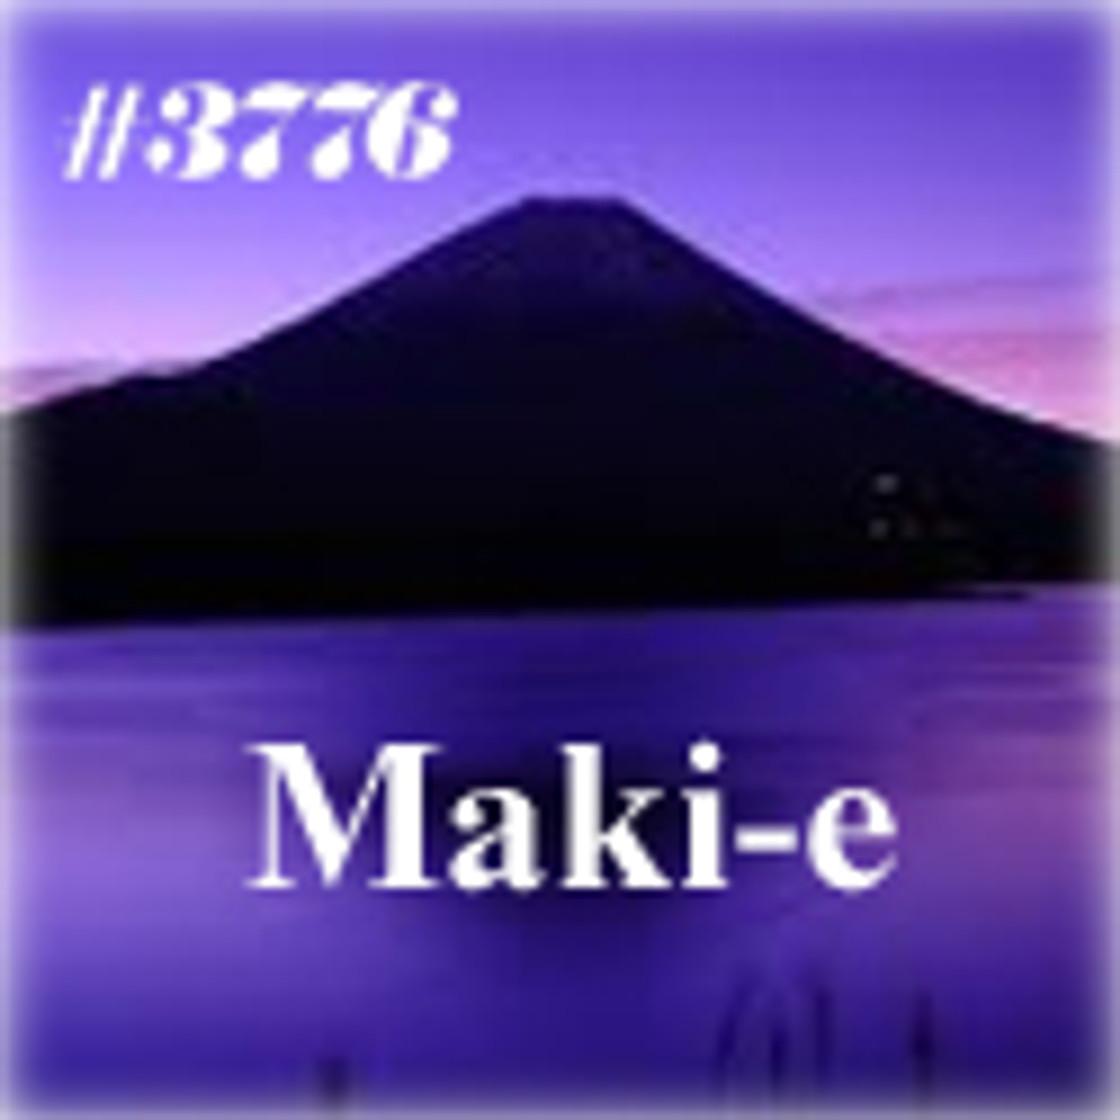 Maki-E